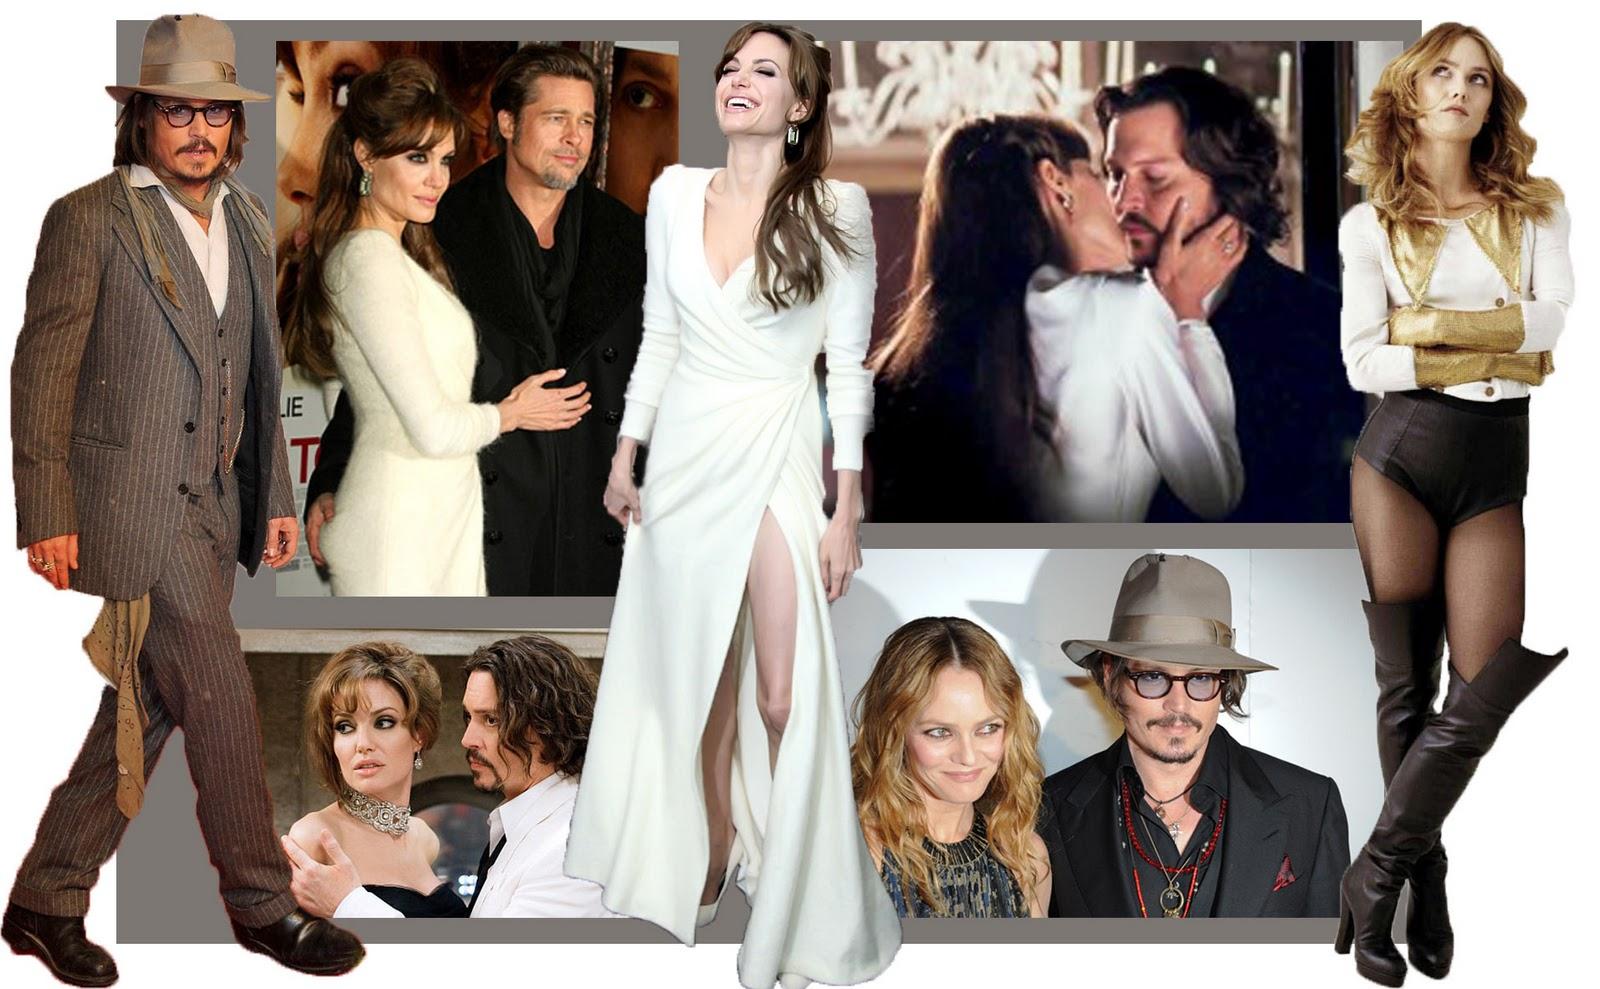 http://4.bp.blogspot.com/_N9tH6apfyl4/TQycO1tecqI/AAAAAAAAAHY/TMXgaop0vy4/s1600/angelina+jolie+johnny+depp+kissing.jpg